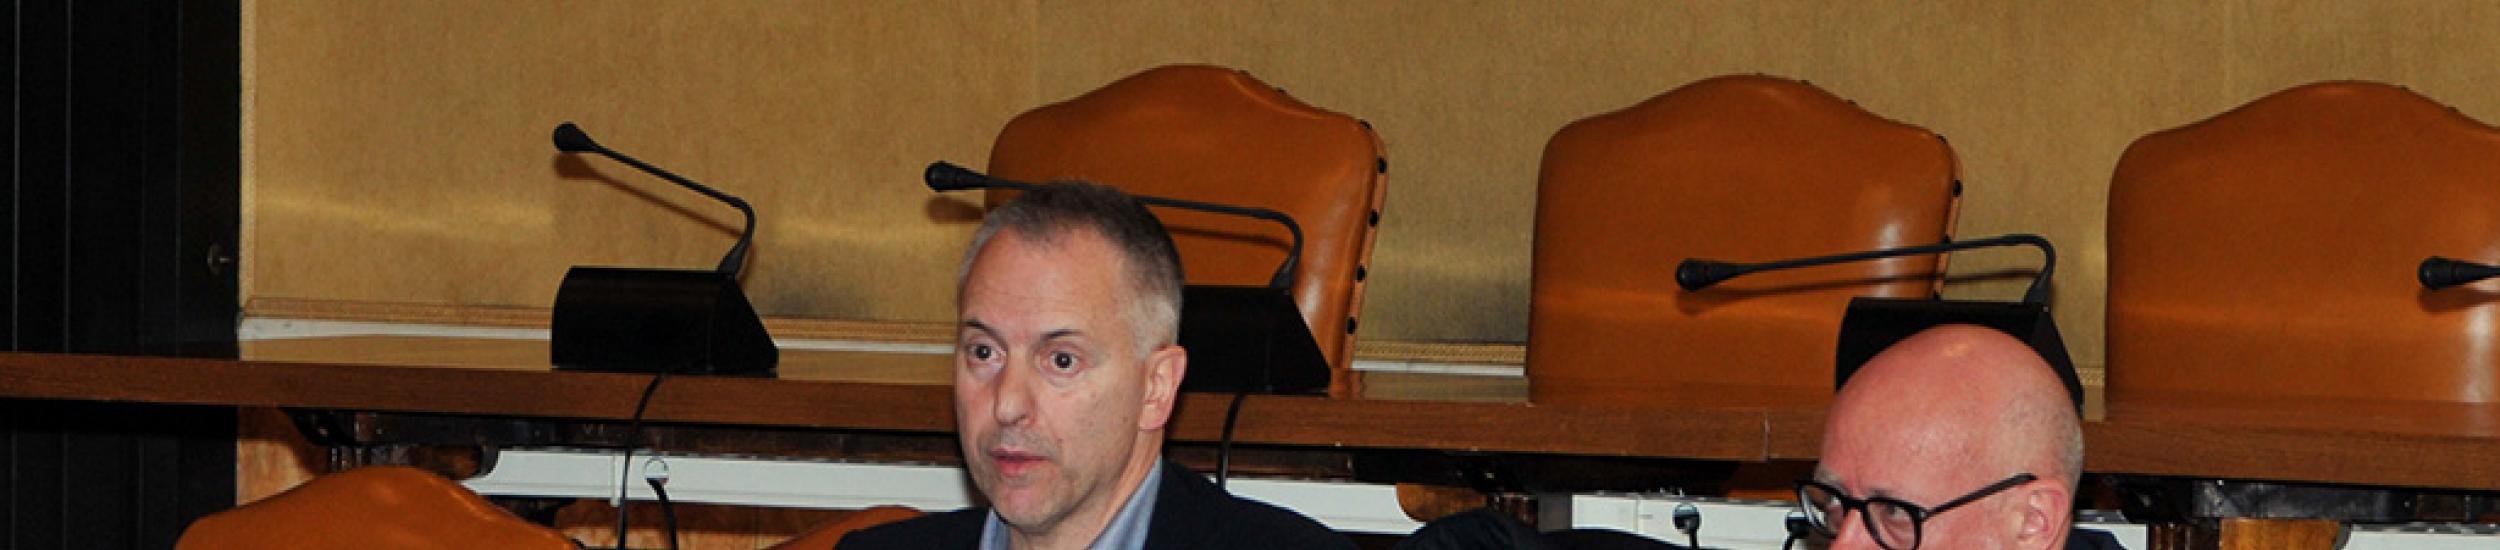 News: Periferie, intervista al sindaco doria sul progetto della città metropolitana (video di tabloid)